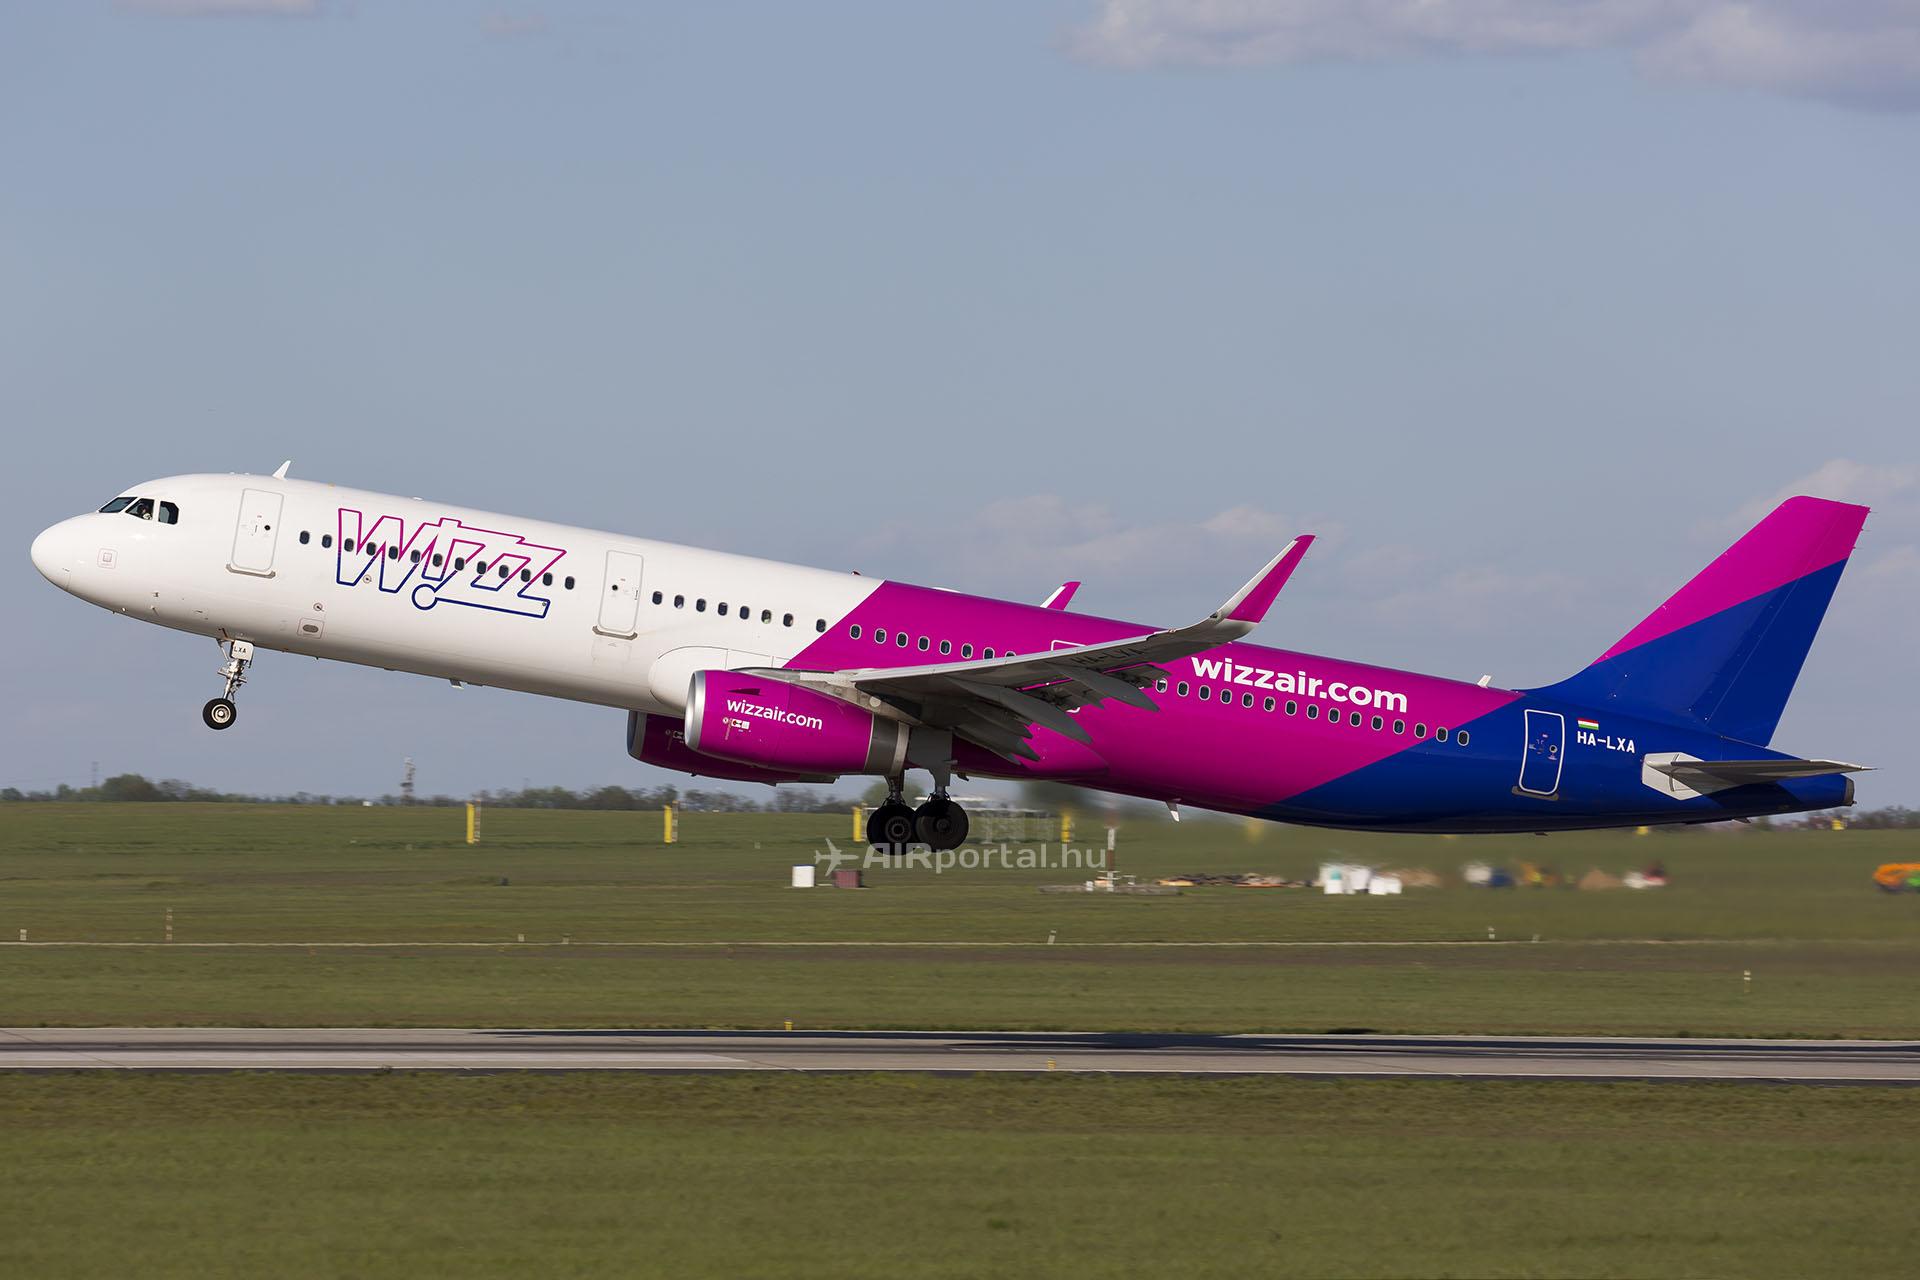 A Wizz Air Airbus A321-esének felszállása. (Fotó: AIRportal.hu) | © AIRportal.hu